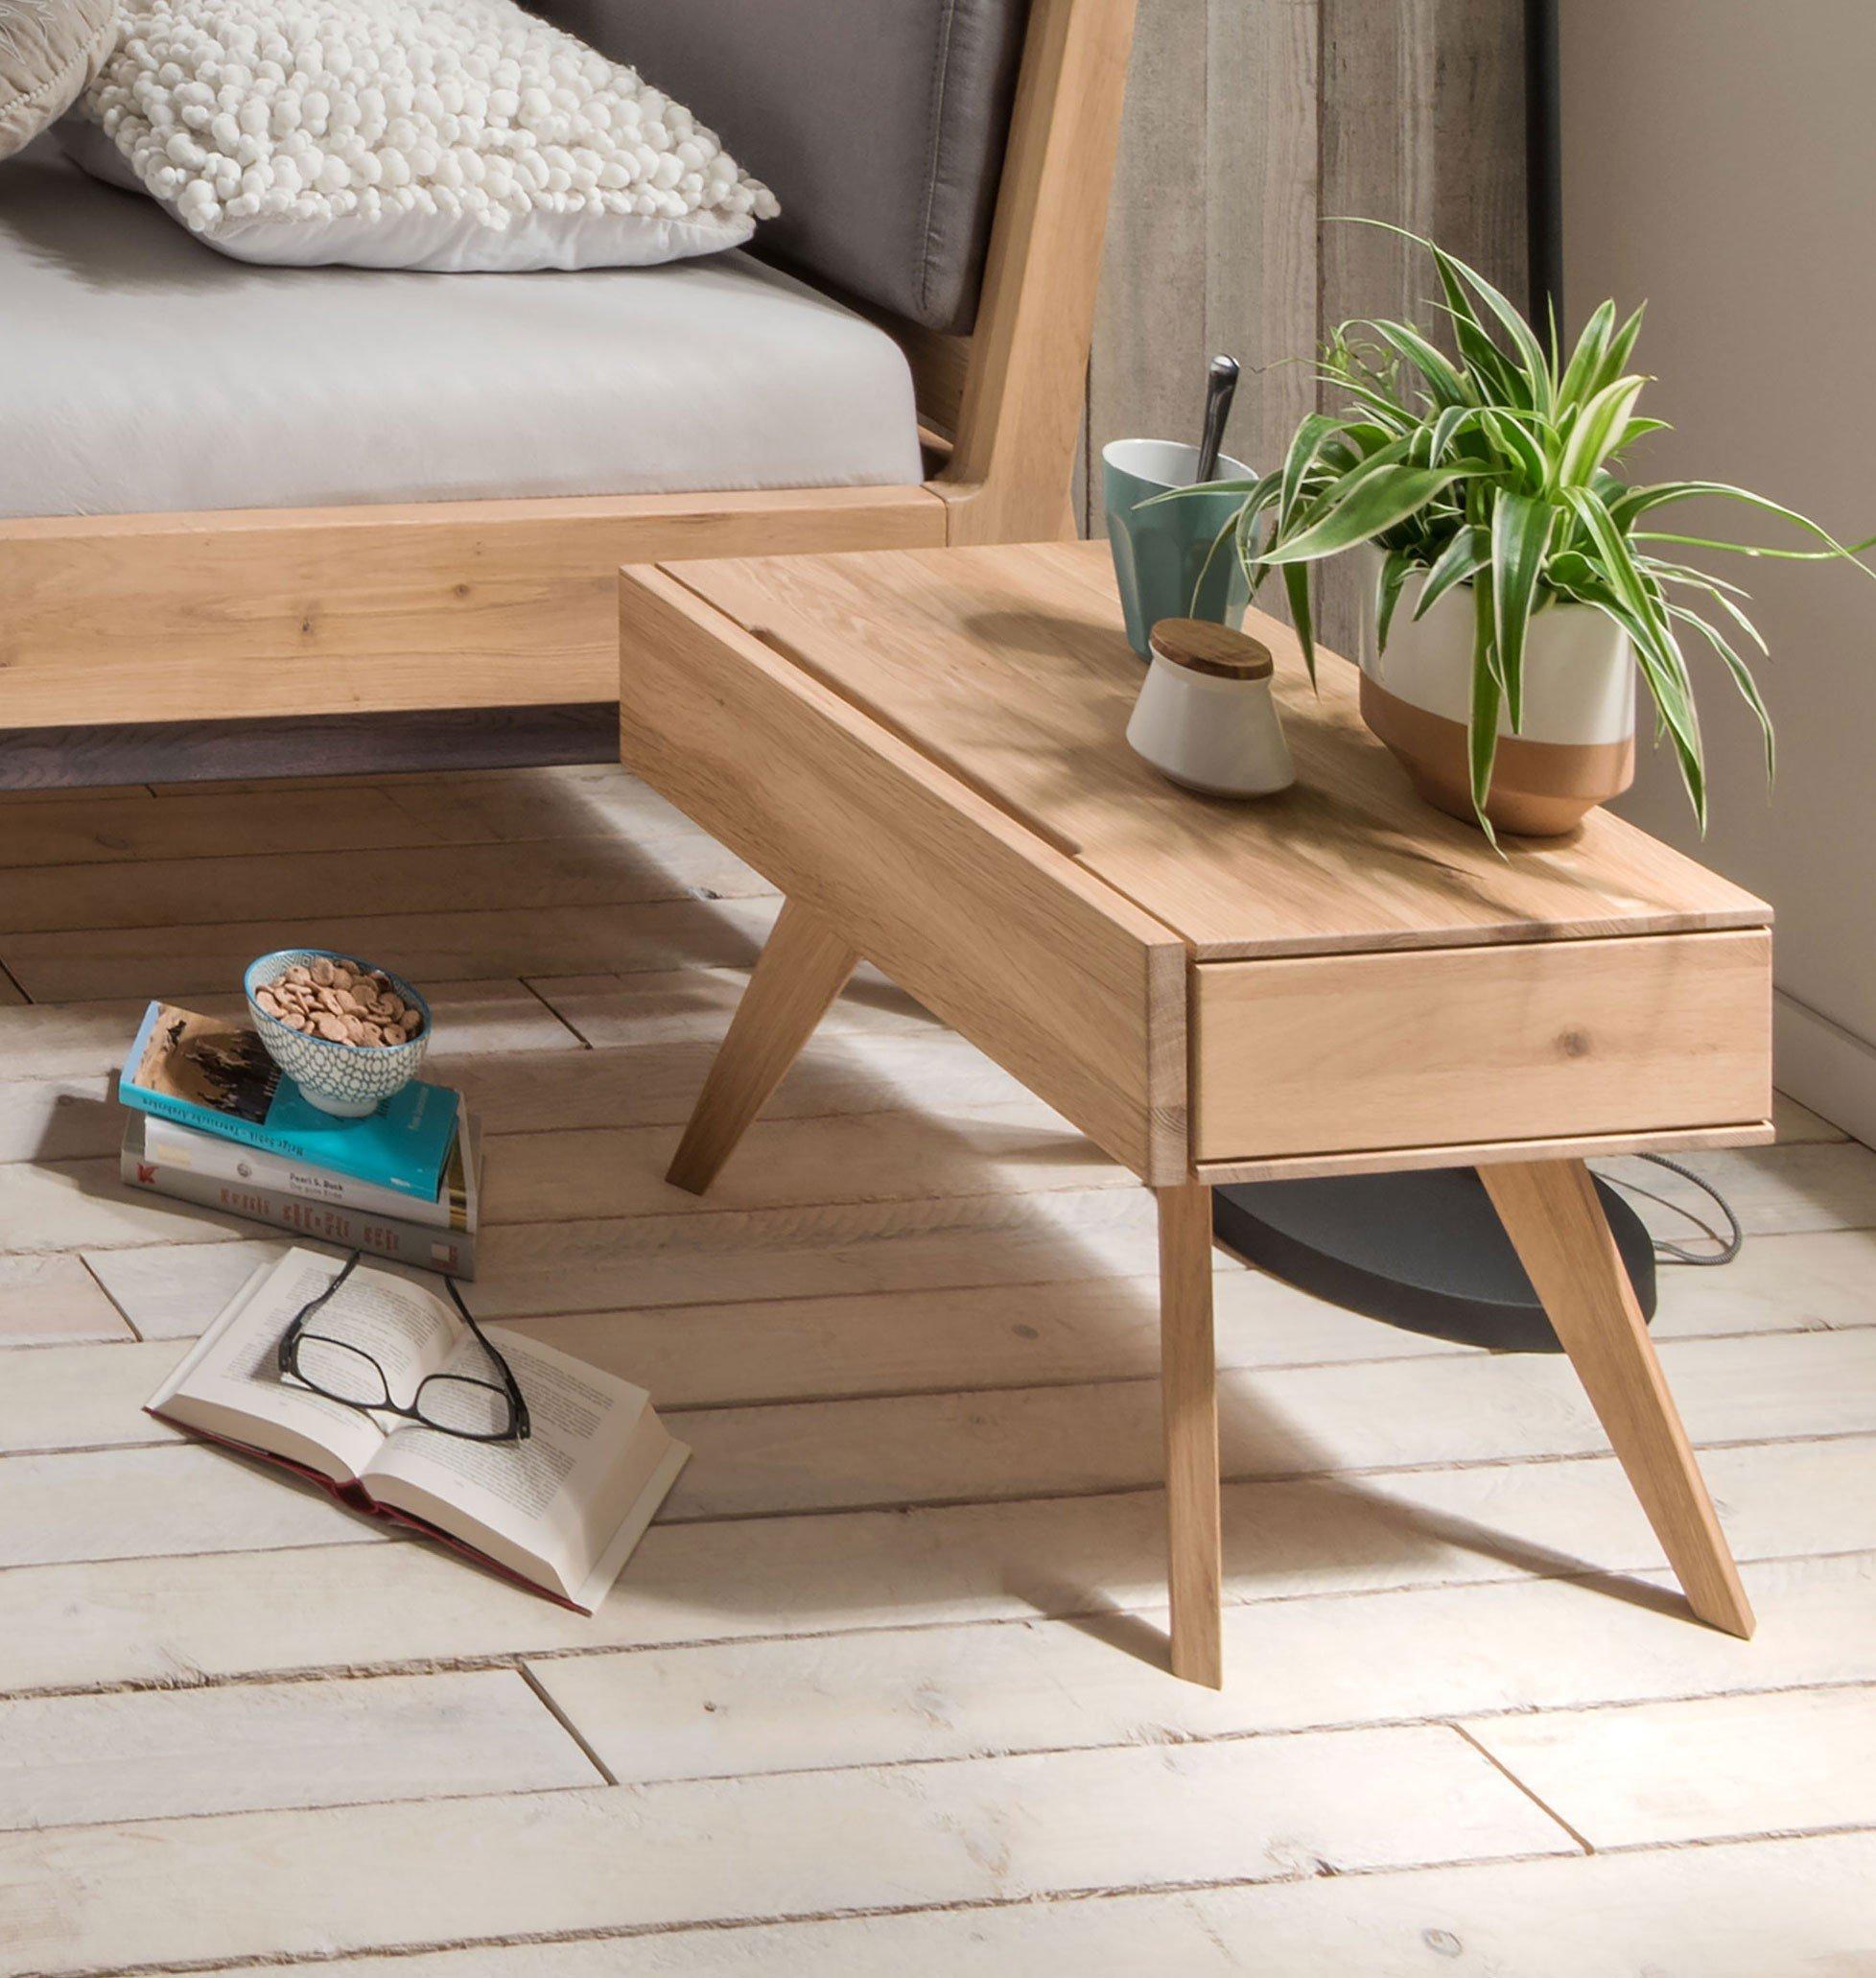 m h holzbett sarafina wildeiche bianco m bel letz ihr online shop. Black Bedroom Furniture Sets. Home Design Ideas